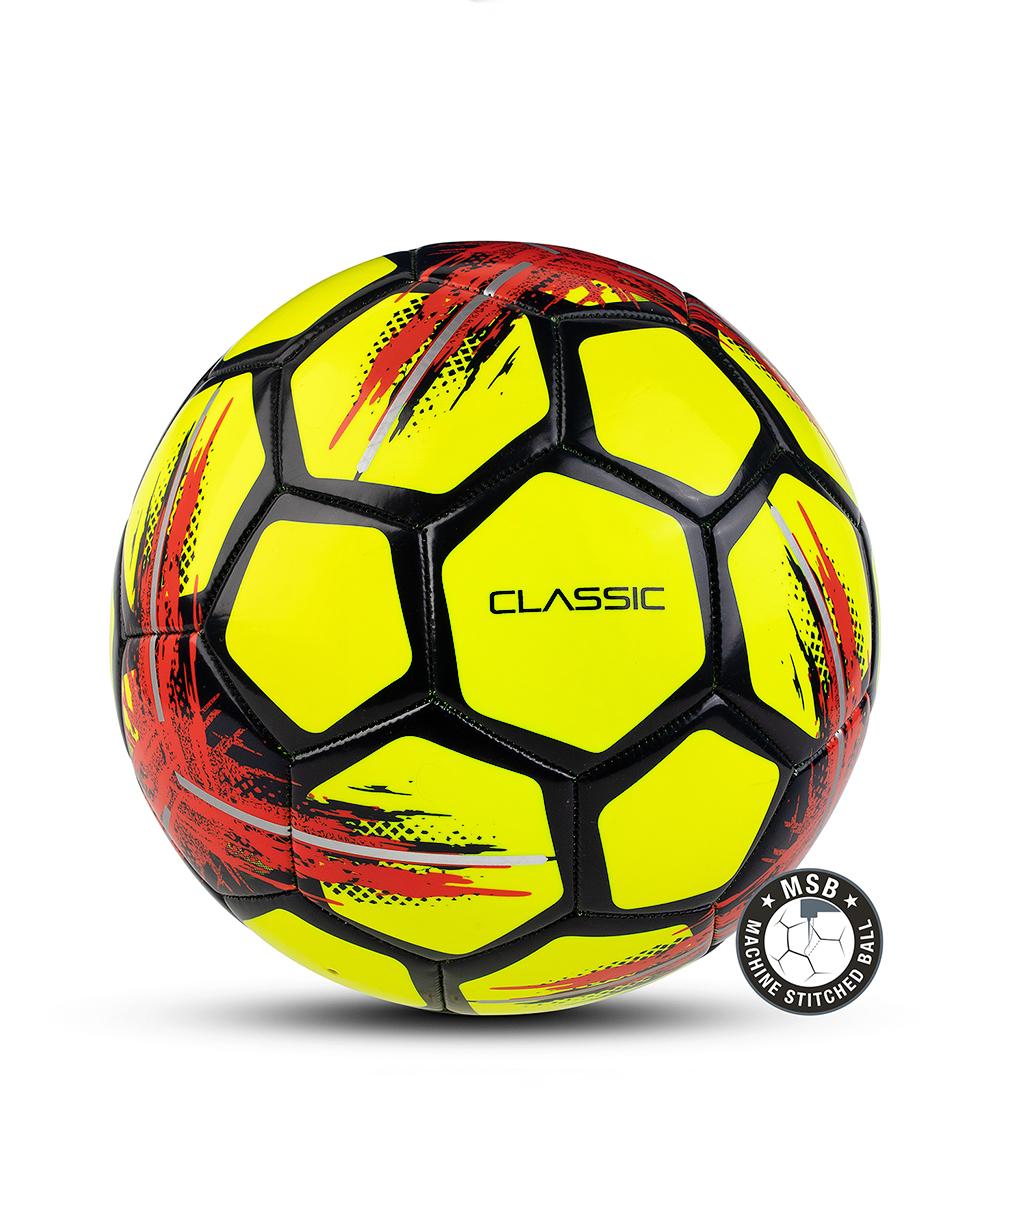 Купить жёлтый мяч Select Classic 815320.5.551 в интернет-магазине